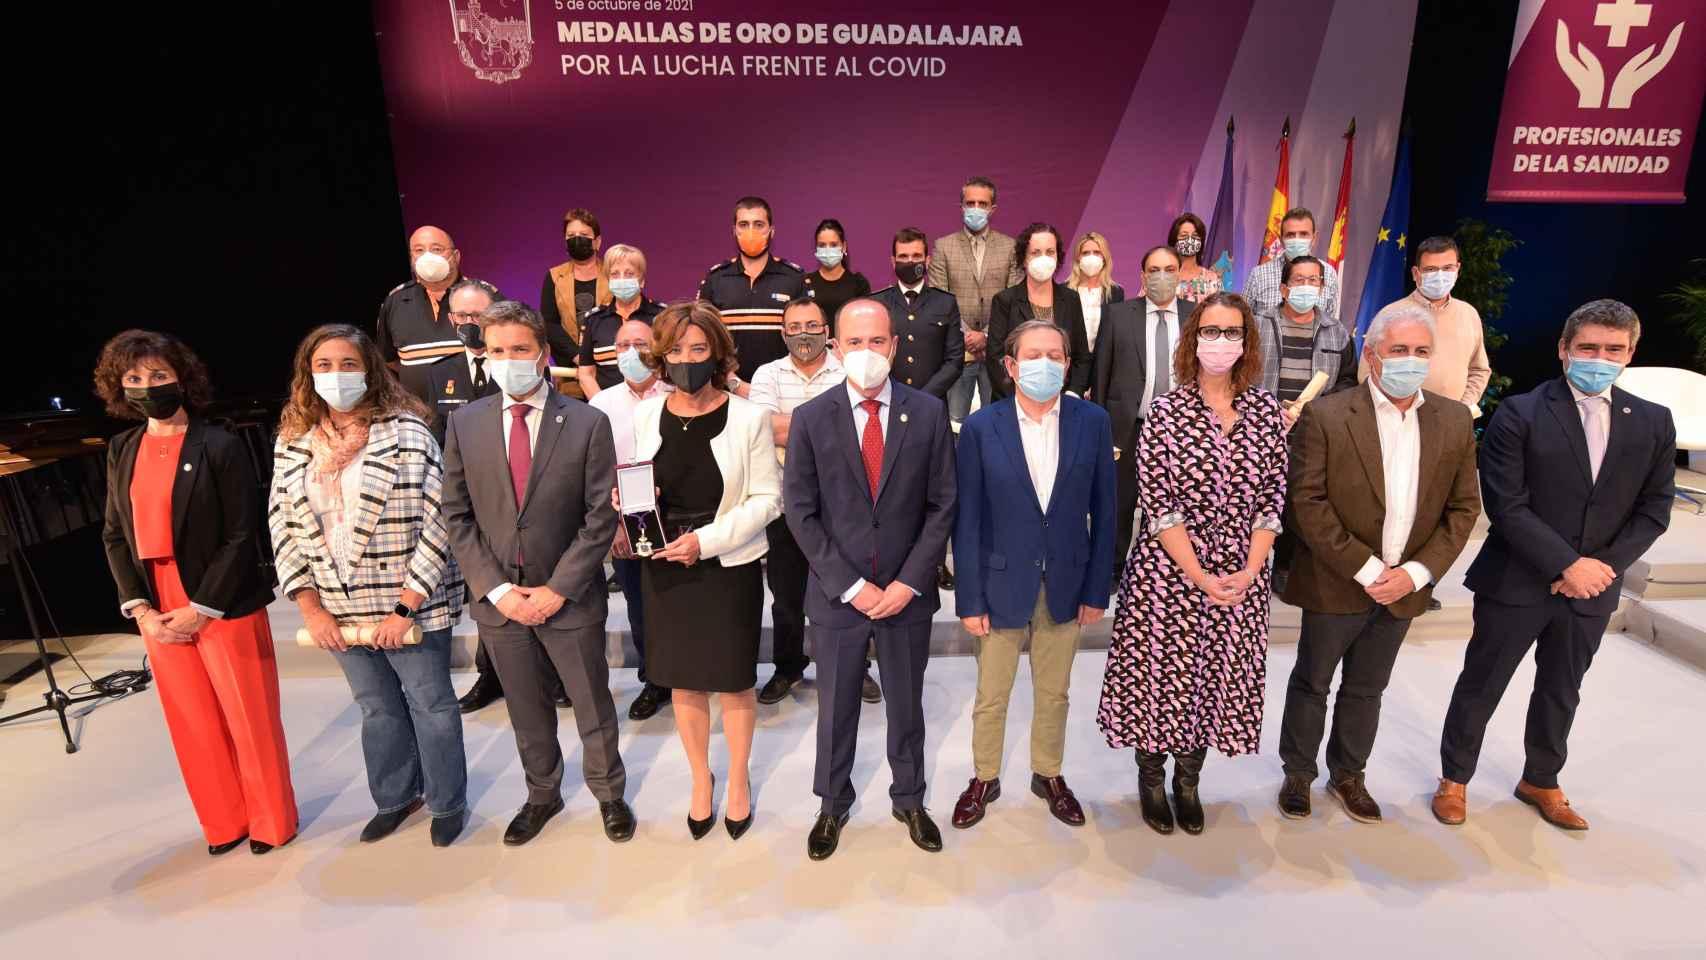 Acto de entrega de la medalla de oro de a los profesionales de la sanidad, la comunidad educativa y el personal municipal de Guadalajara